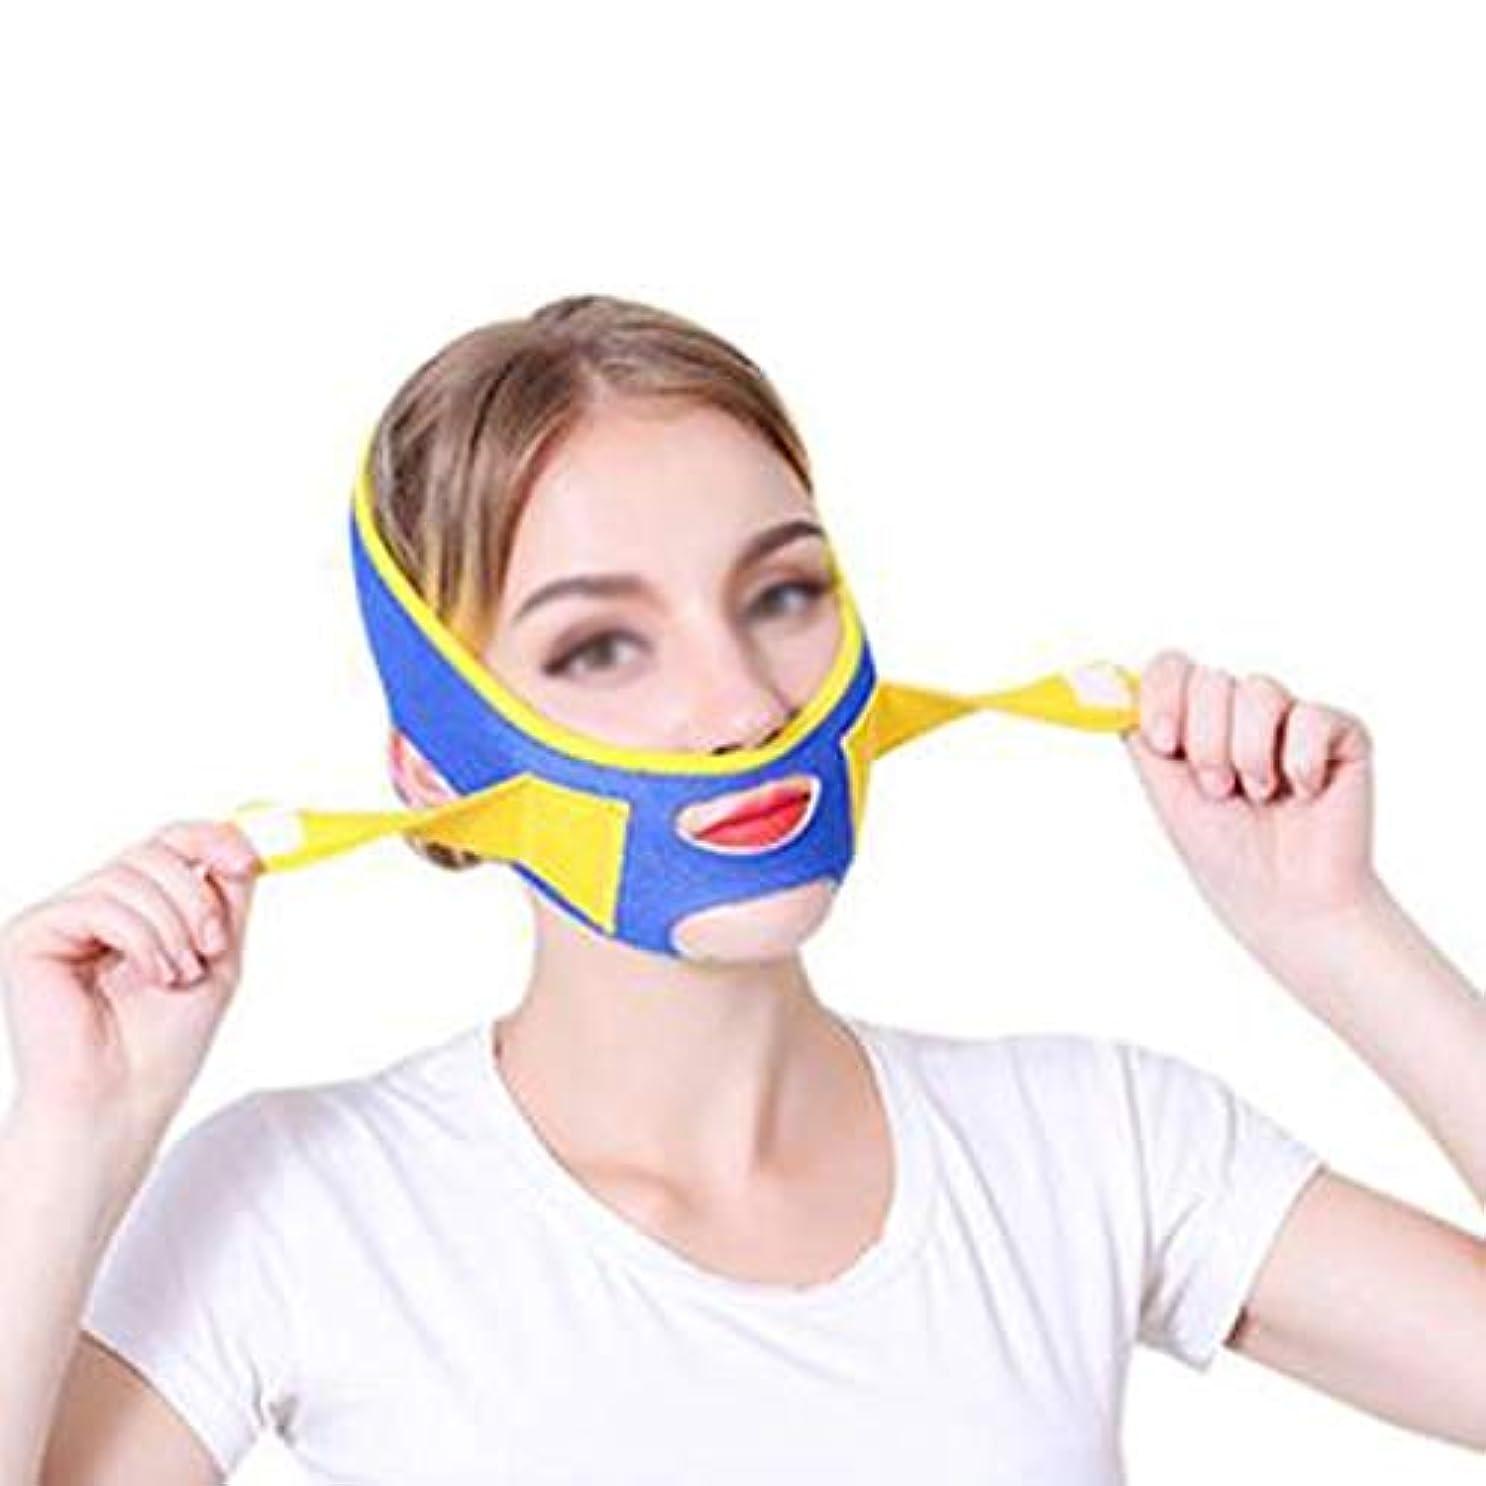 お嬢マカダムアベニューZWBD フェイスマスク, リフティングフェイスマスク抗たるみVフェイスリフティング包帯を布布する薄い二重あご通気性睡眠マスクギフト